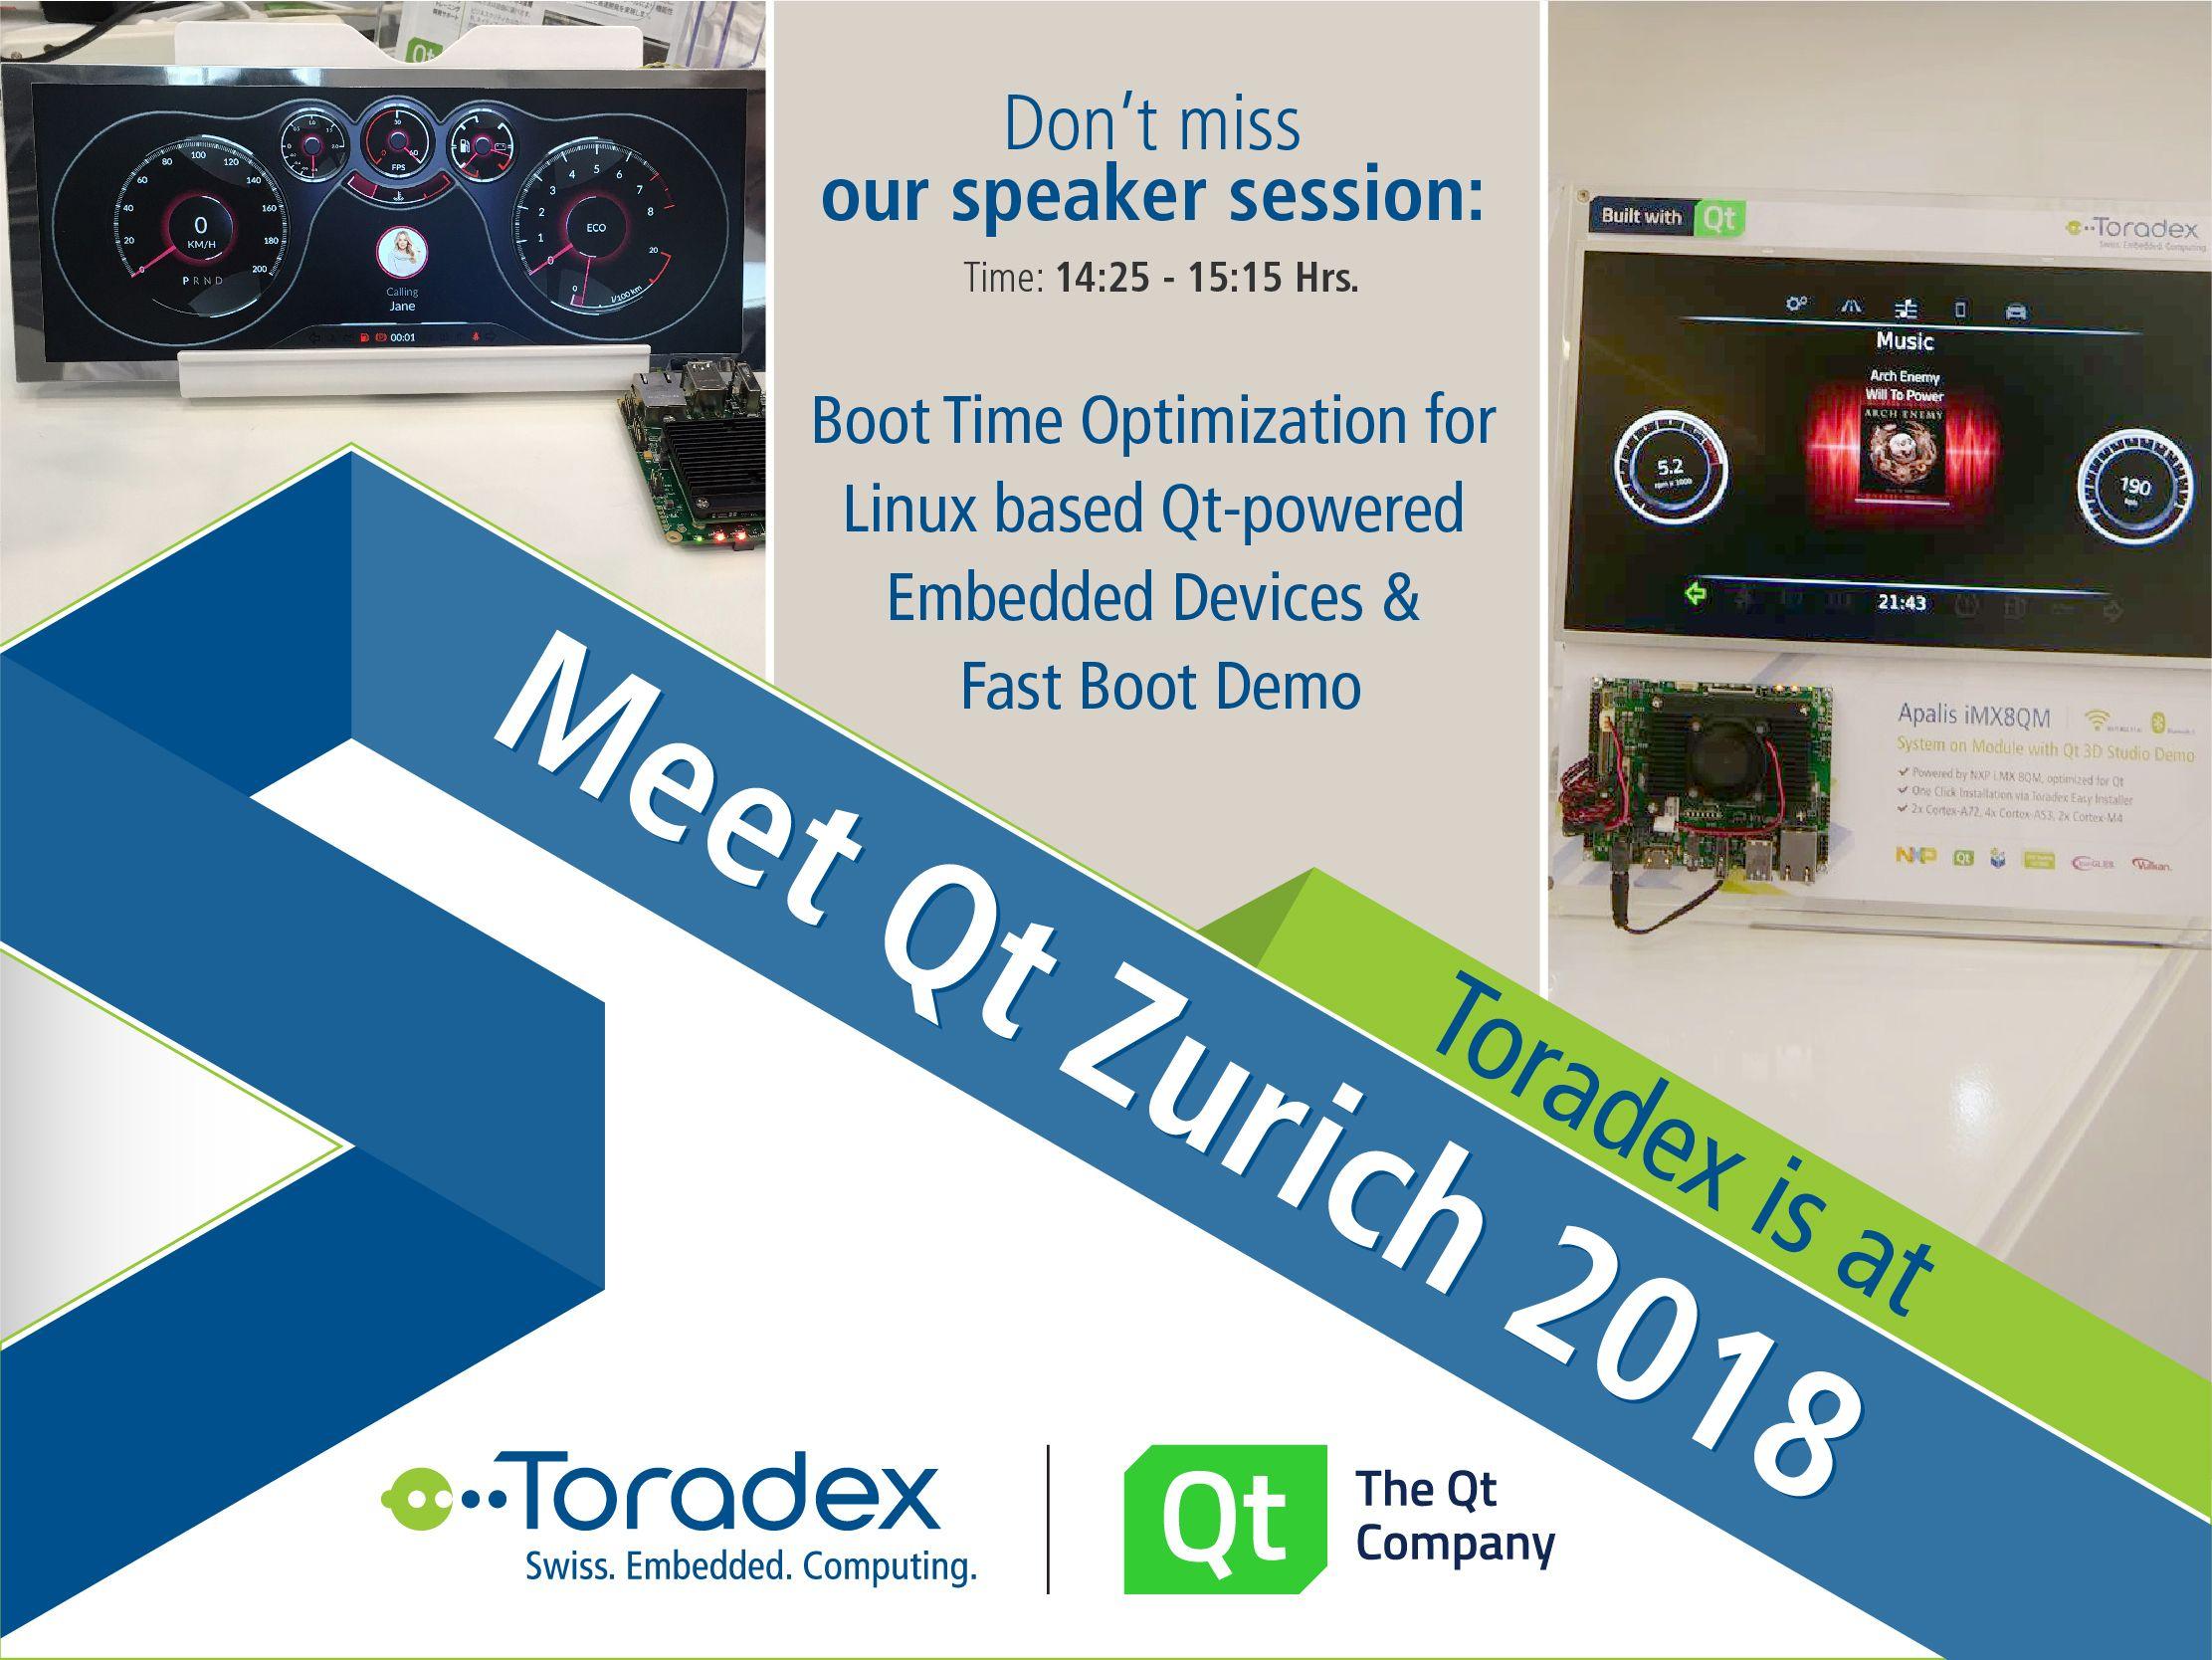 Toradex is present at the 'Meet Qt Zurich' today in #Zurich